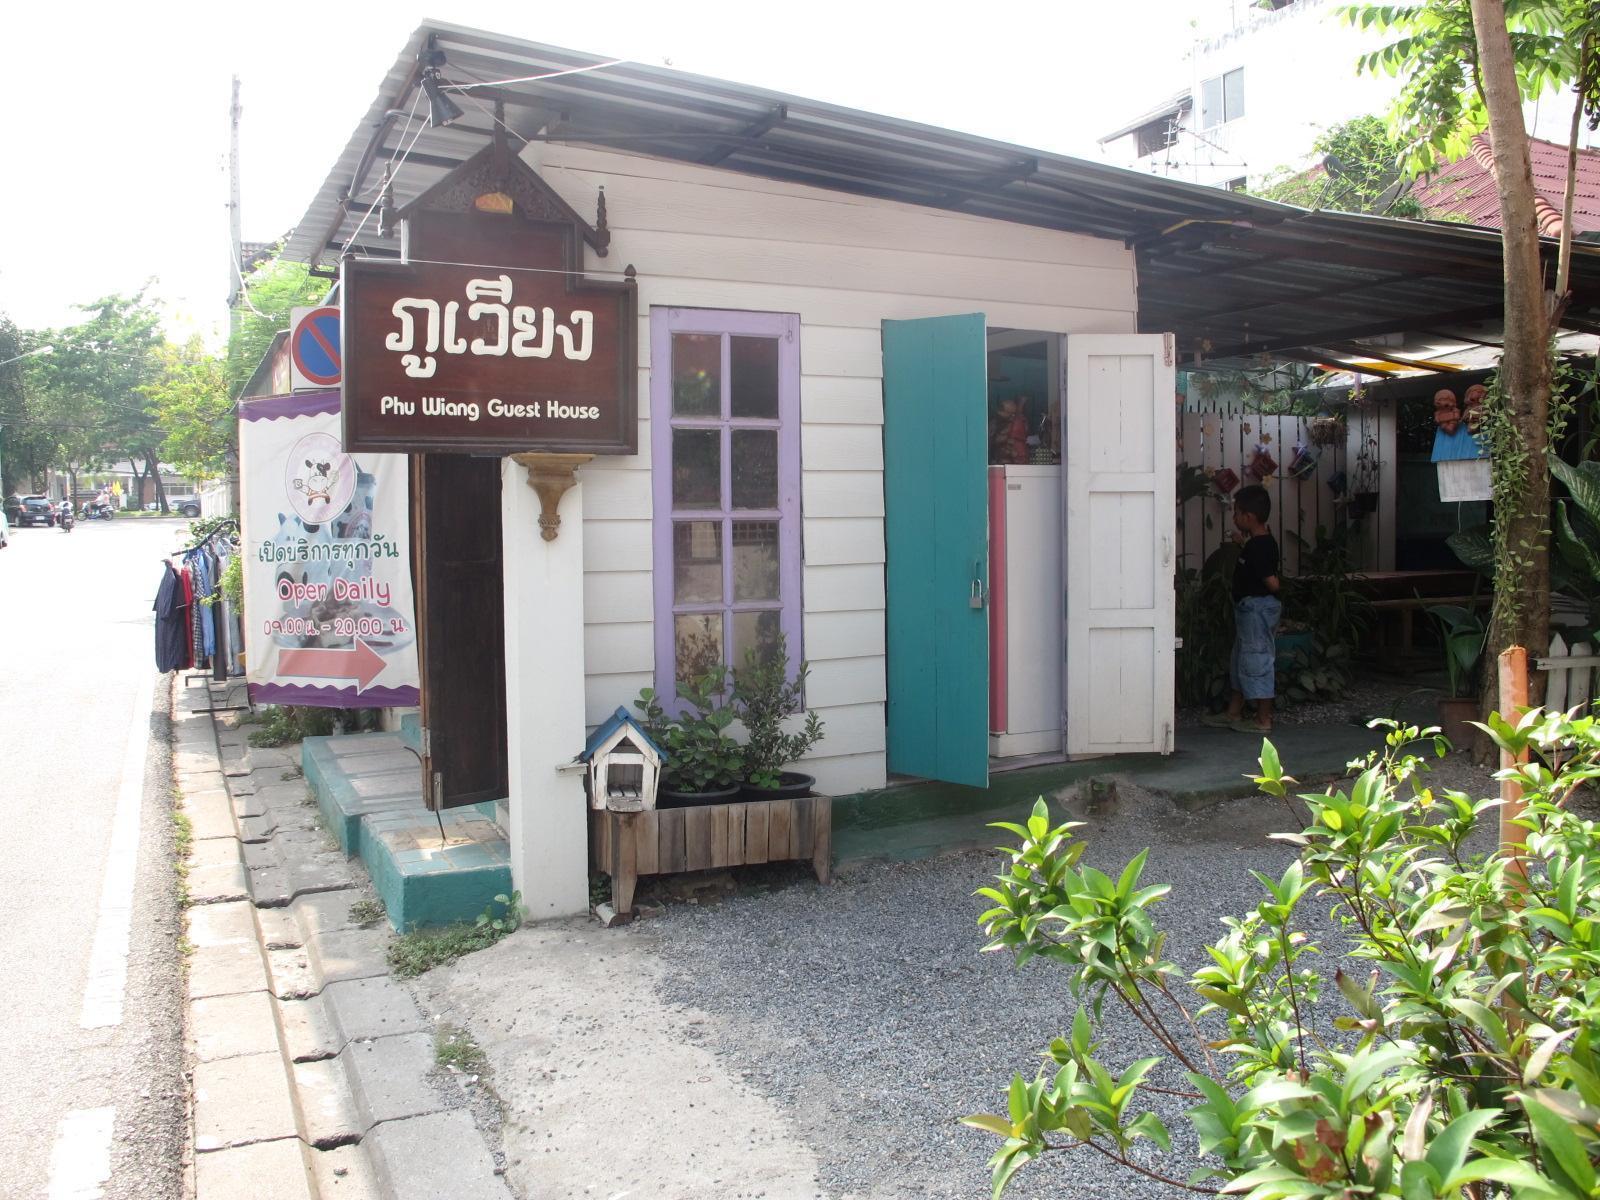 ค้นหา ภูเวียง เกสท์เฮาส์ (Phu Wiang Guesthouse)